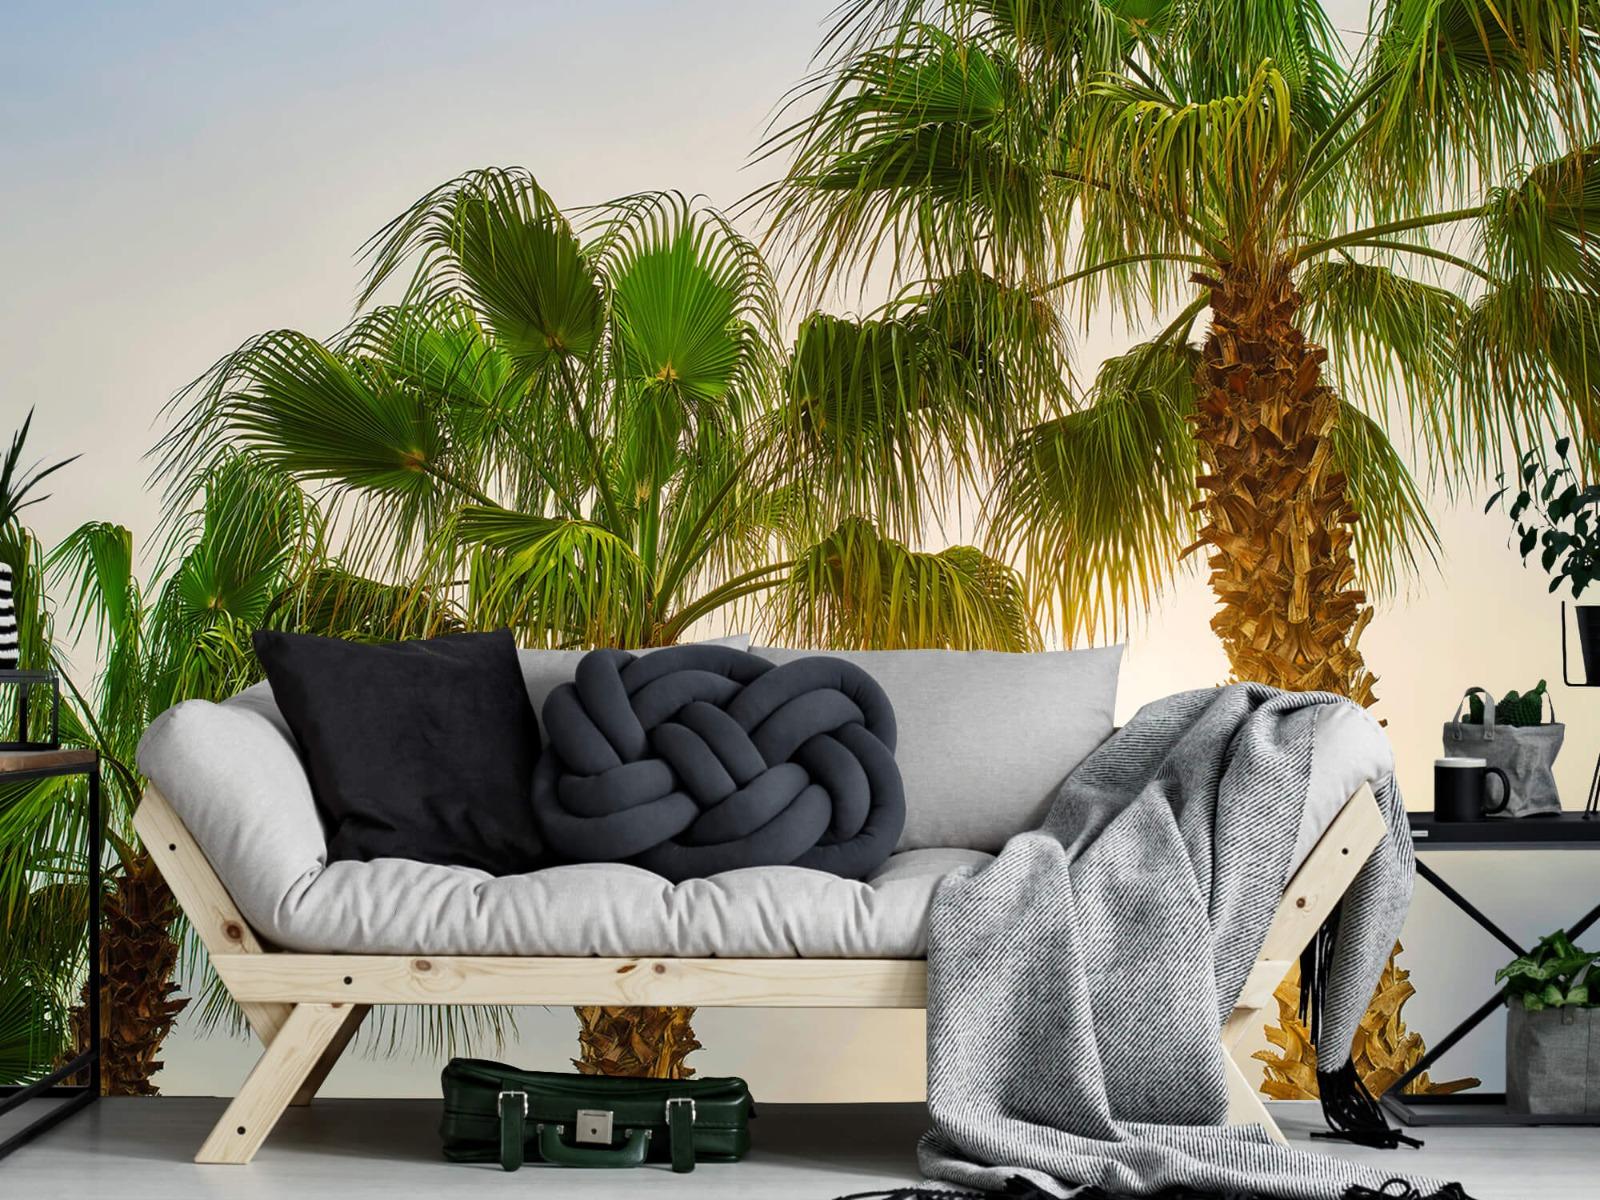 Palmbomen - Palmbomen met zon - Gang 7